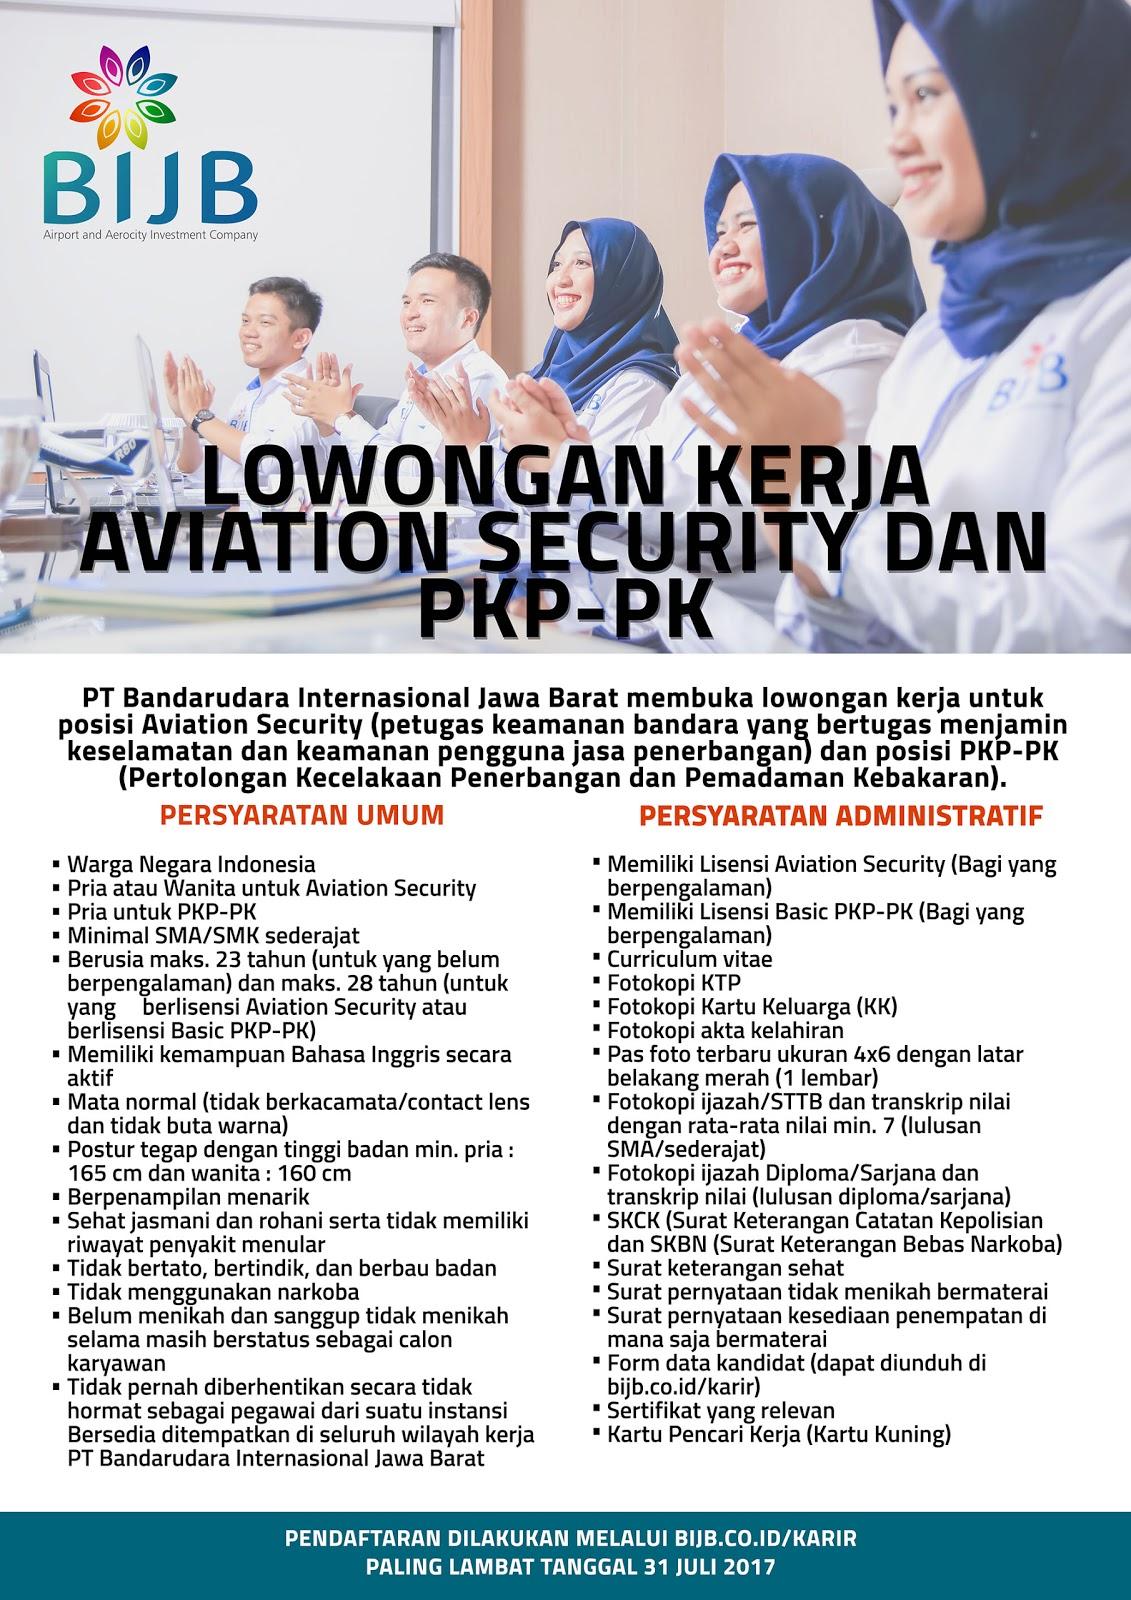 Lowongan Kerja BUMND PT Bandarudara Internasional Jawa Barat (PT BIJB)